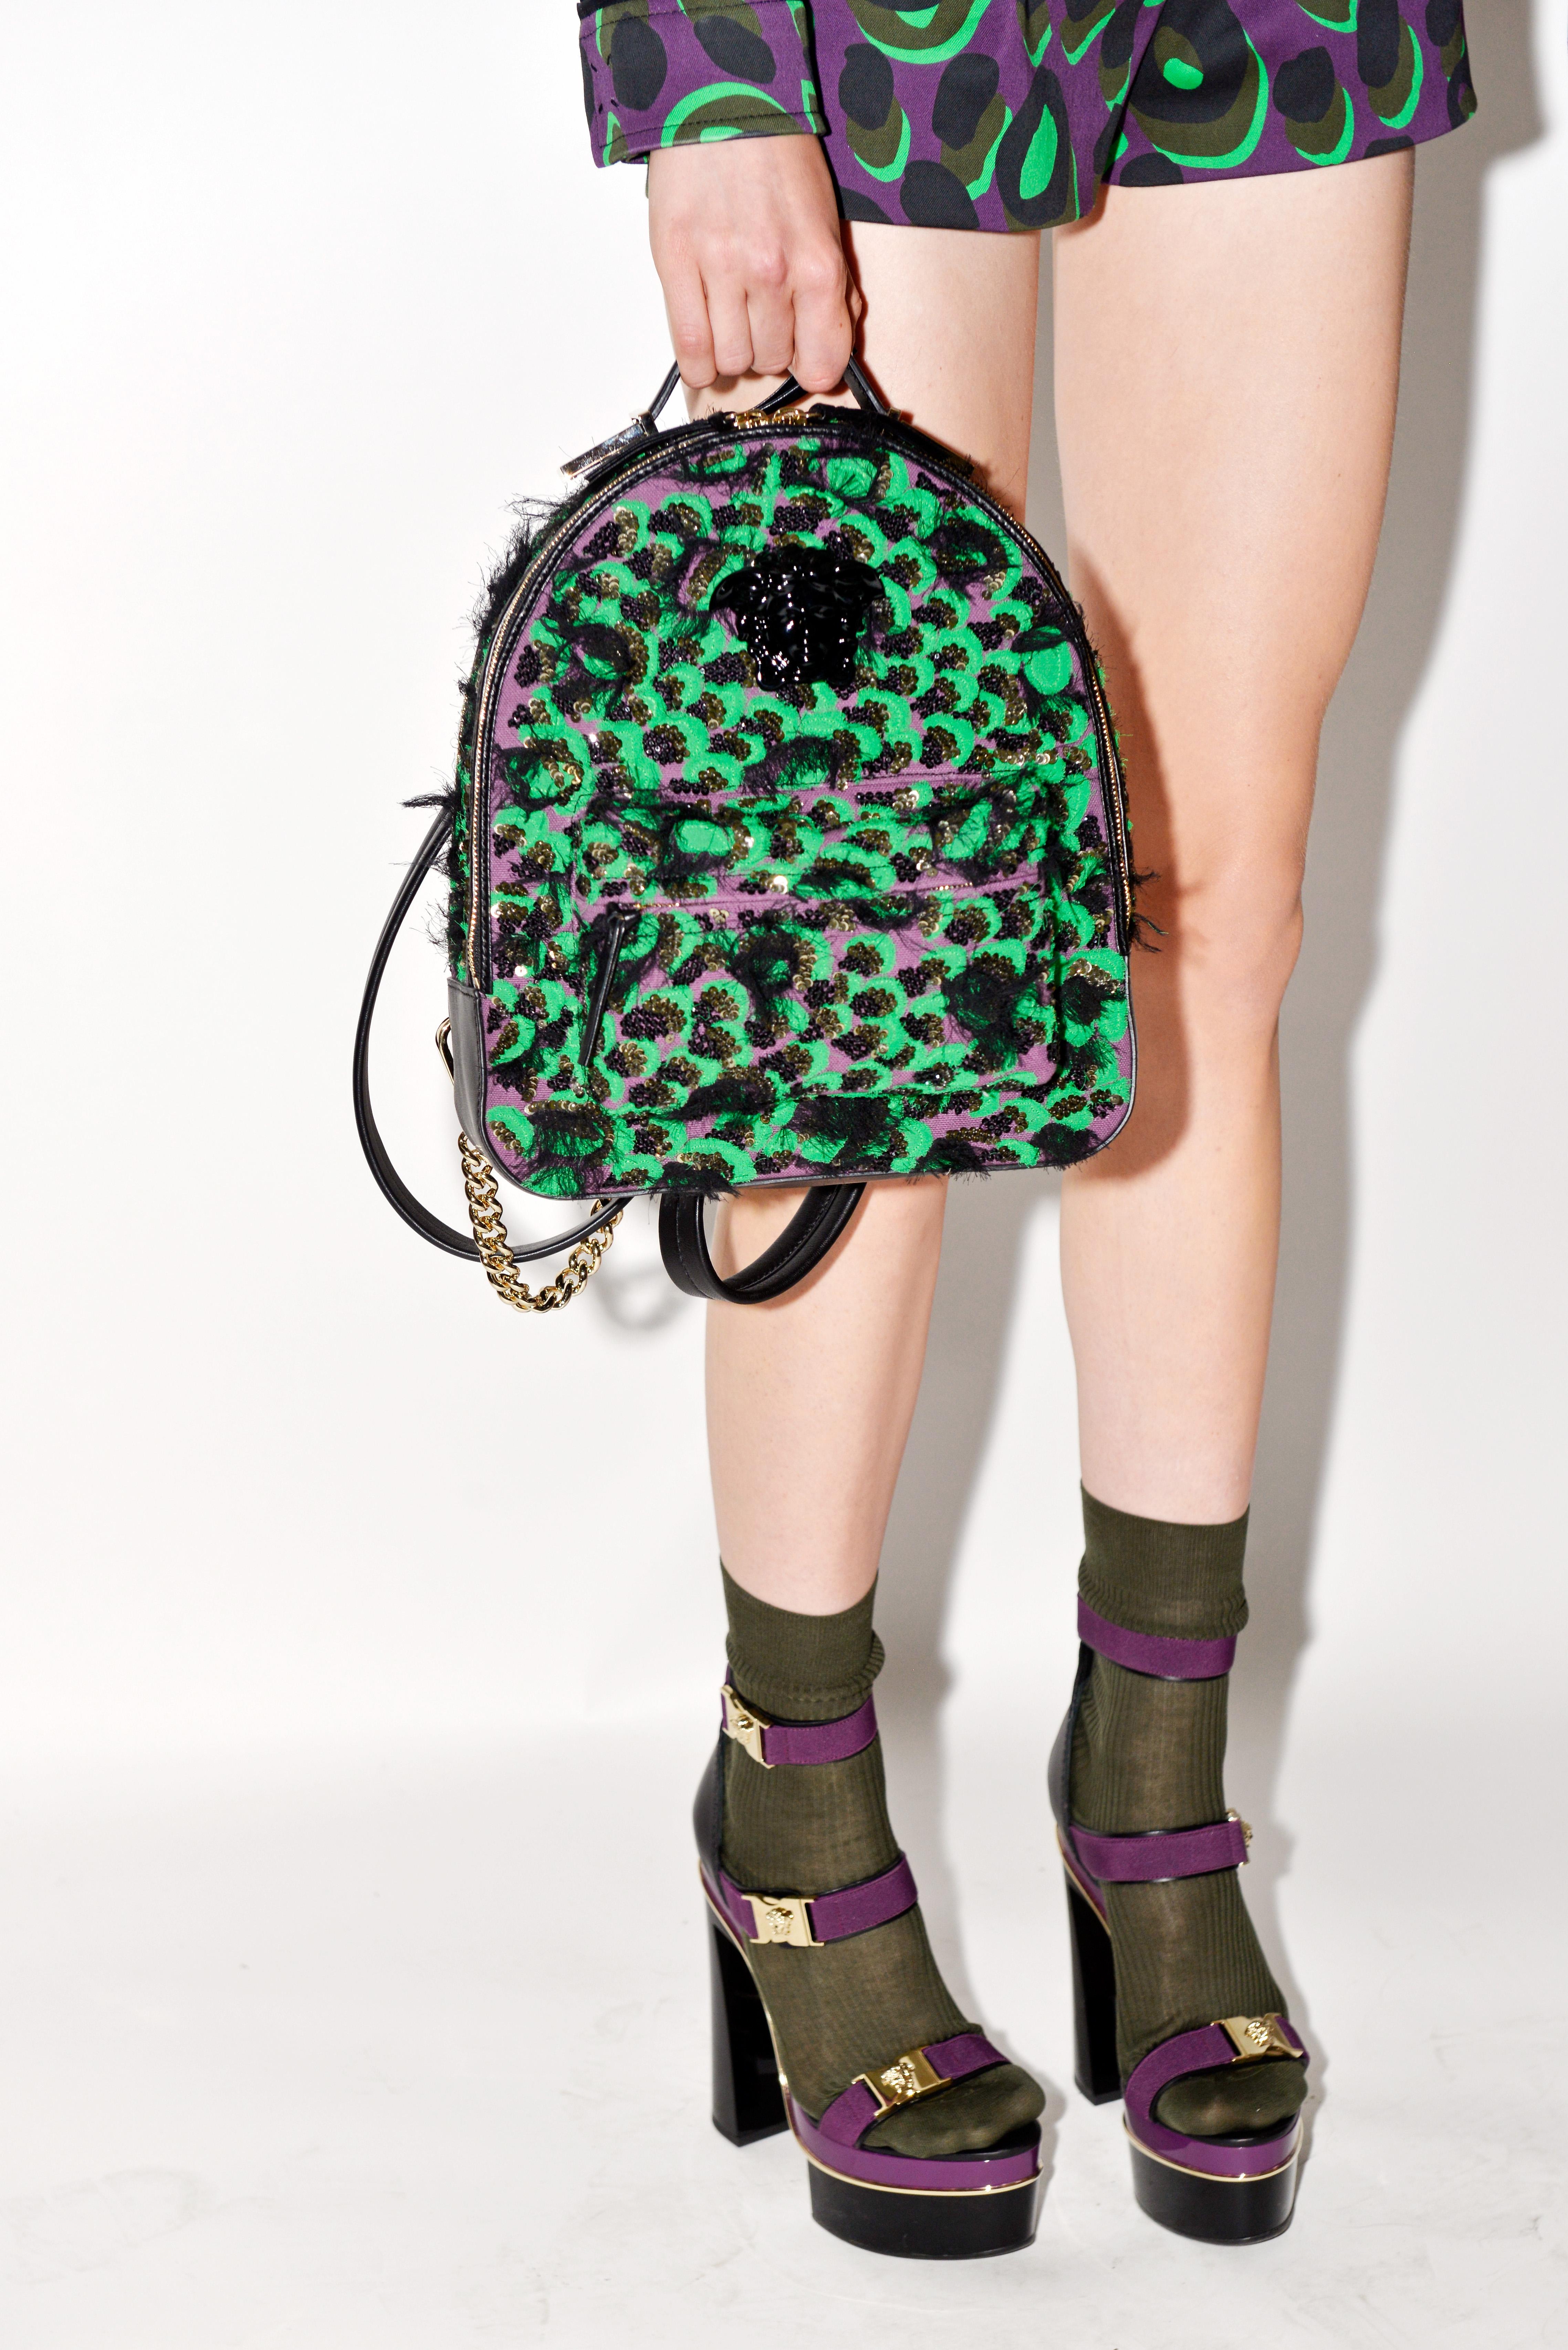 Zur an Camouflage-Mustern orientierten Versace-Kollektion gehörten nicht nur Kleider. (Matteo Valle Getty Images)